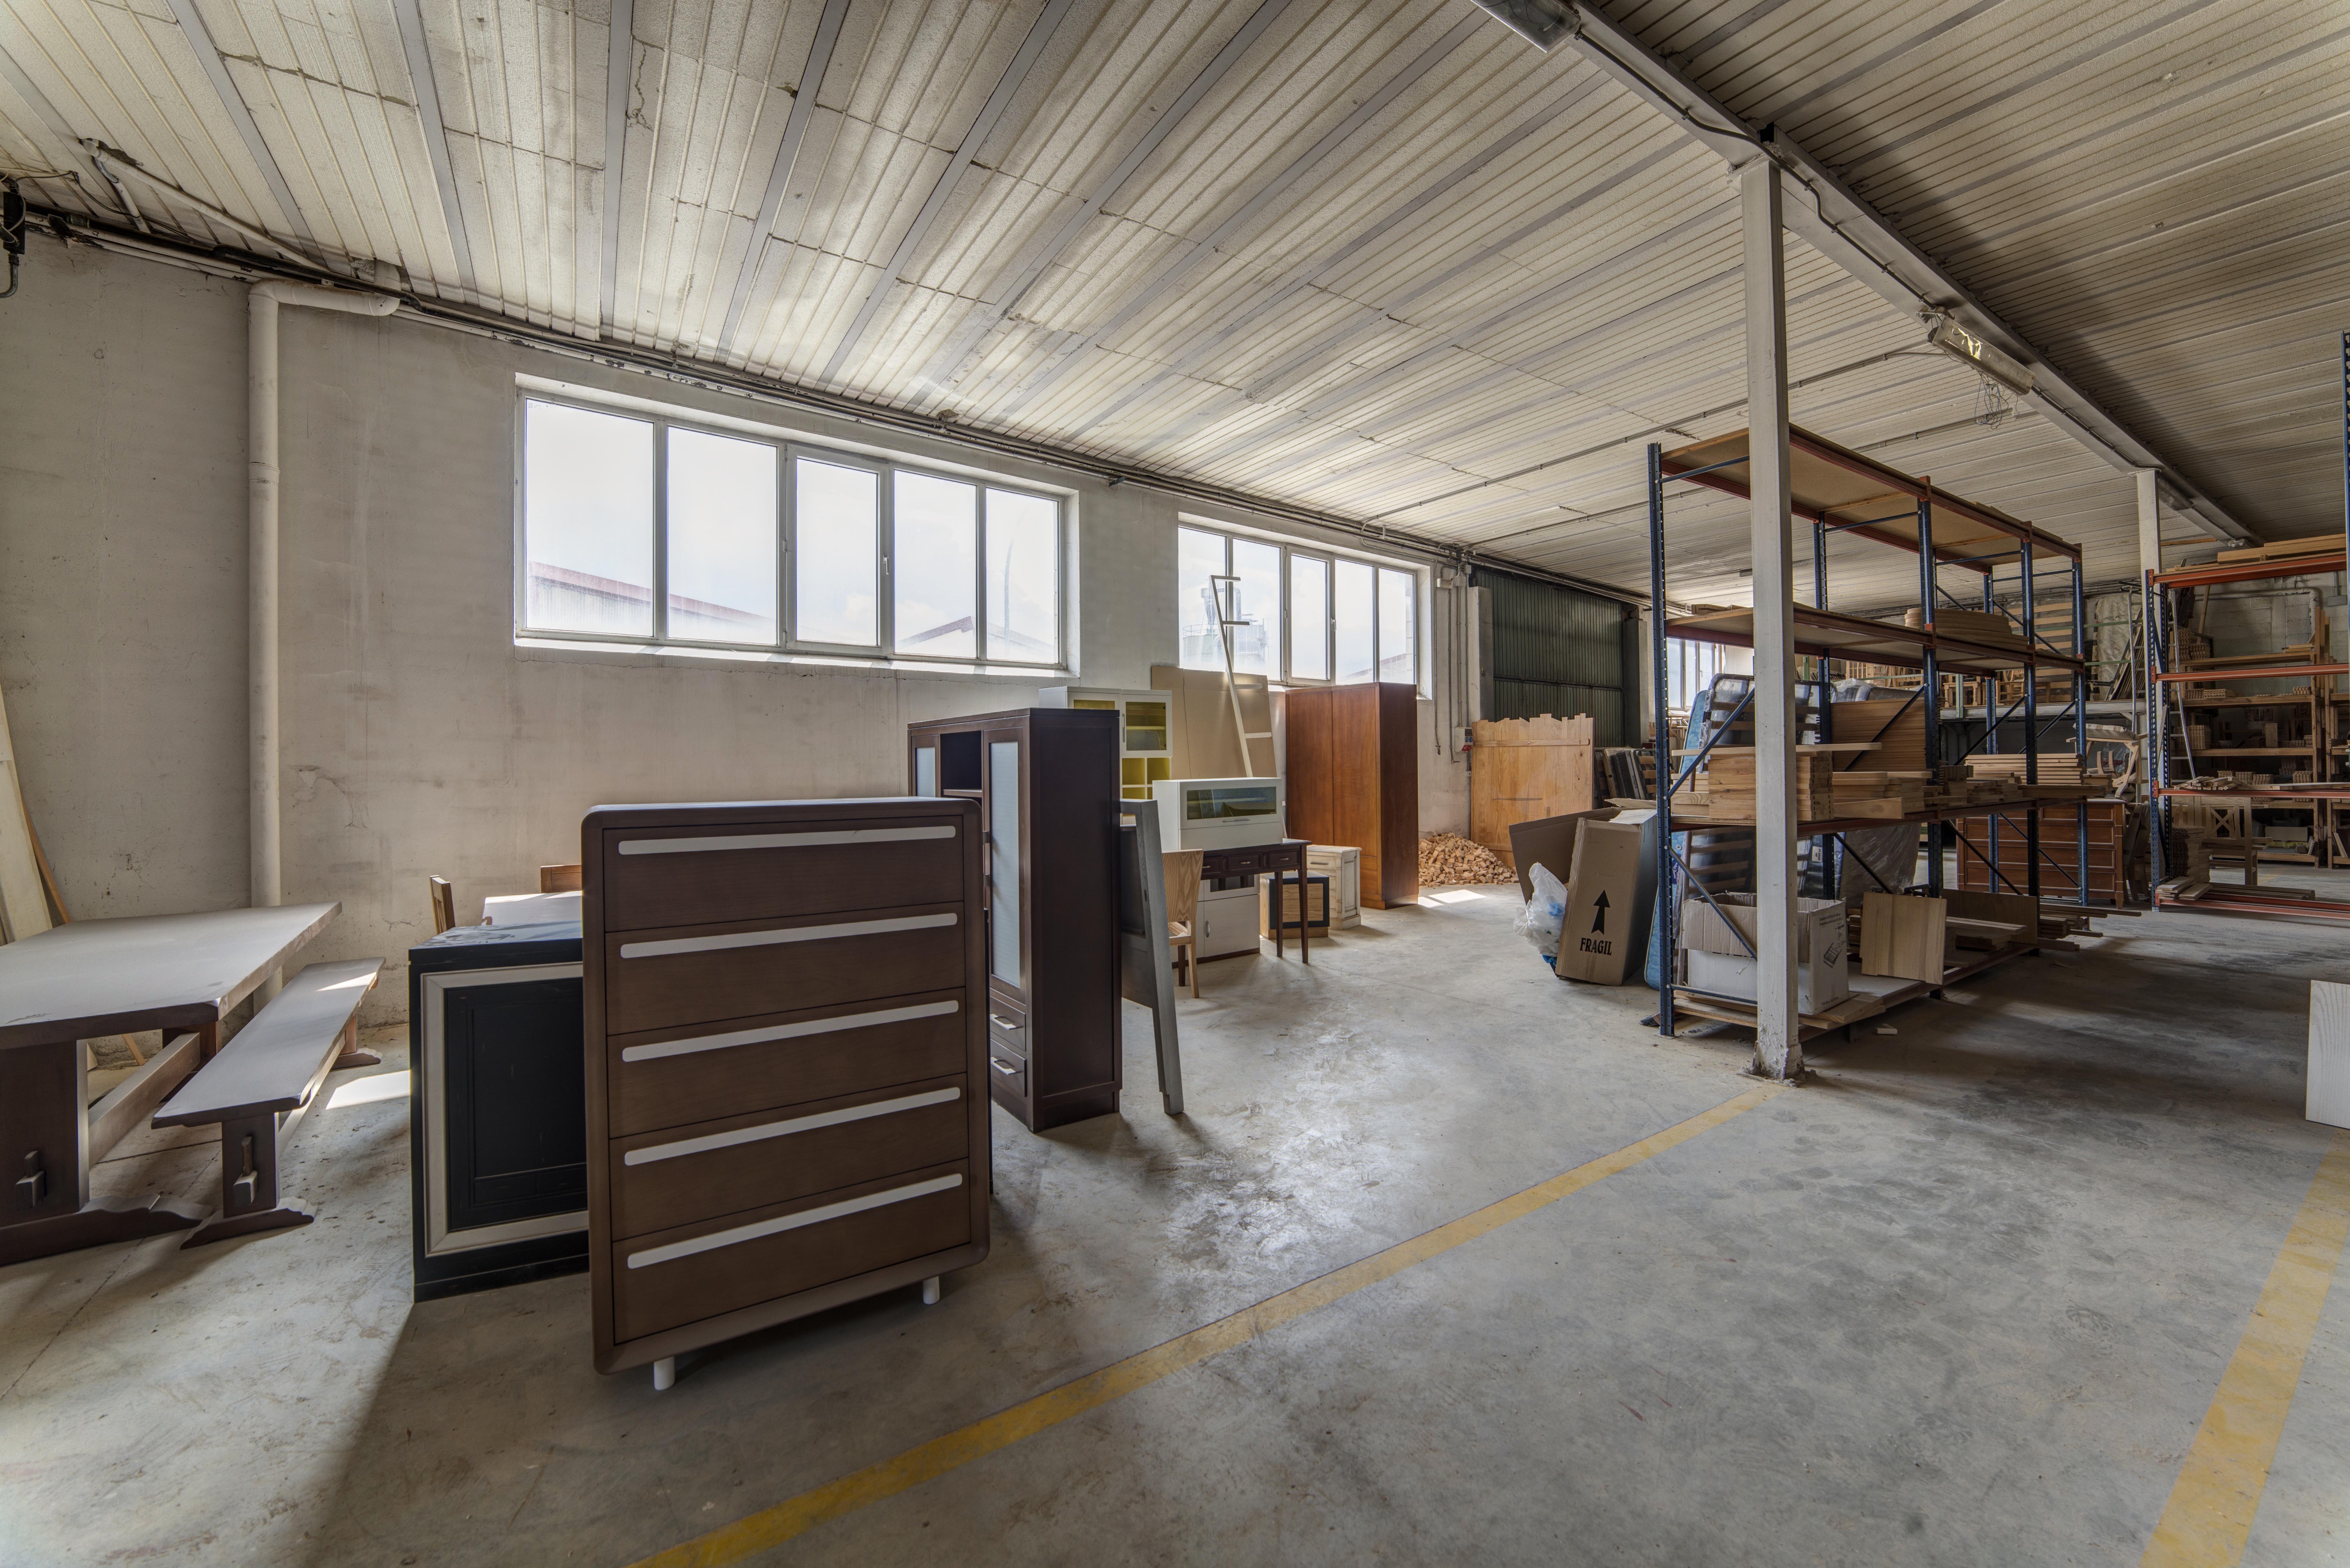 Fabricación de muebles artesanales en Soria